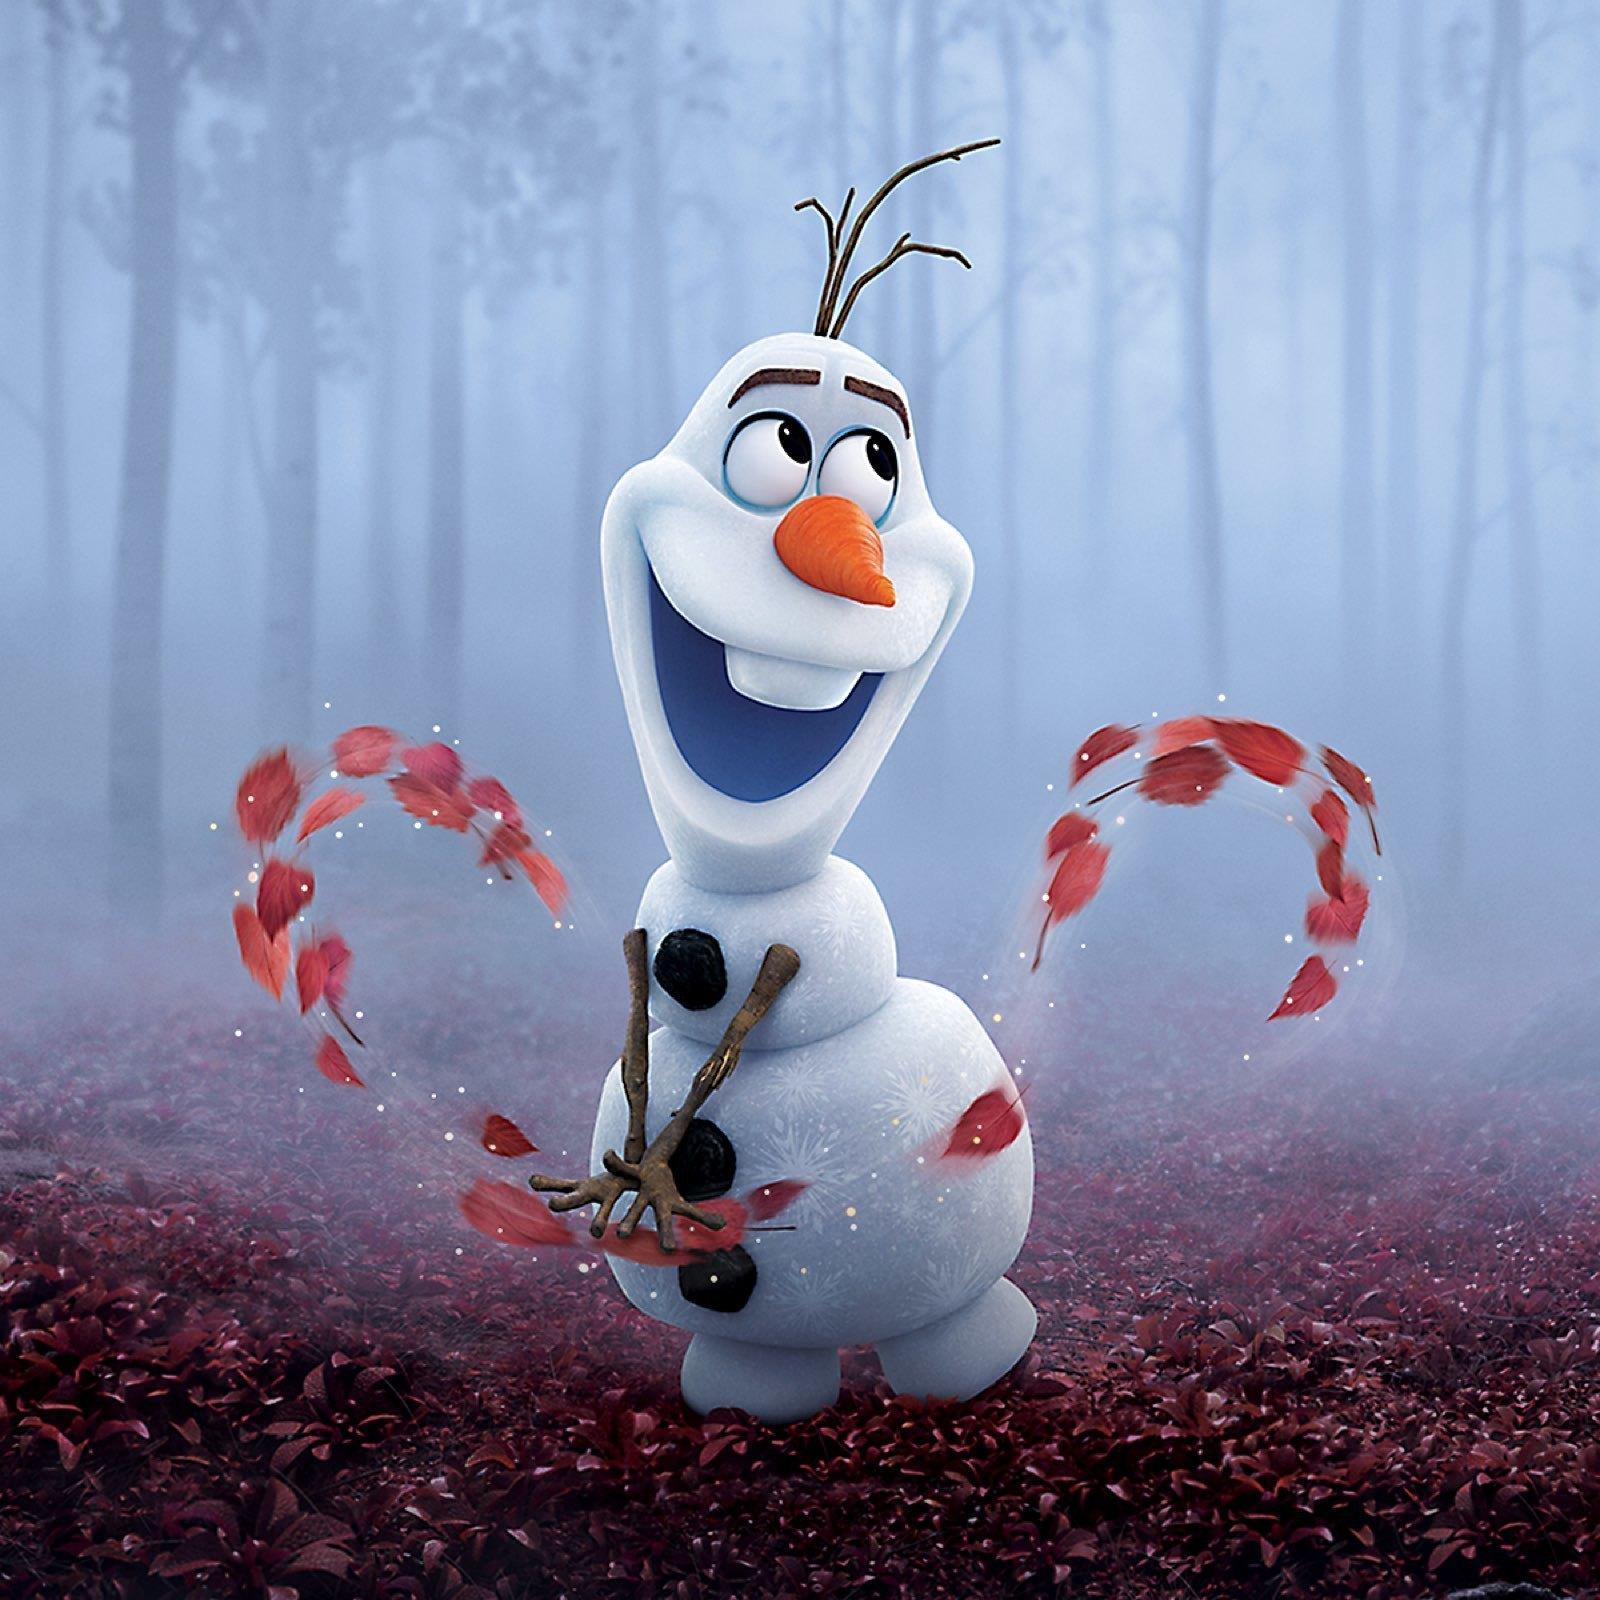 Olaf em uma floresta com névoa